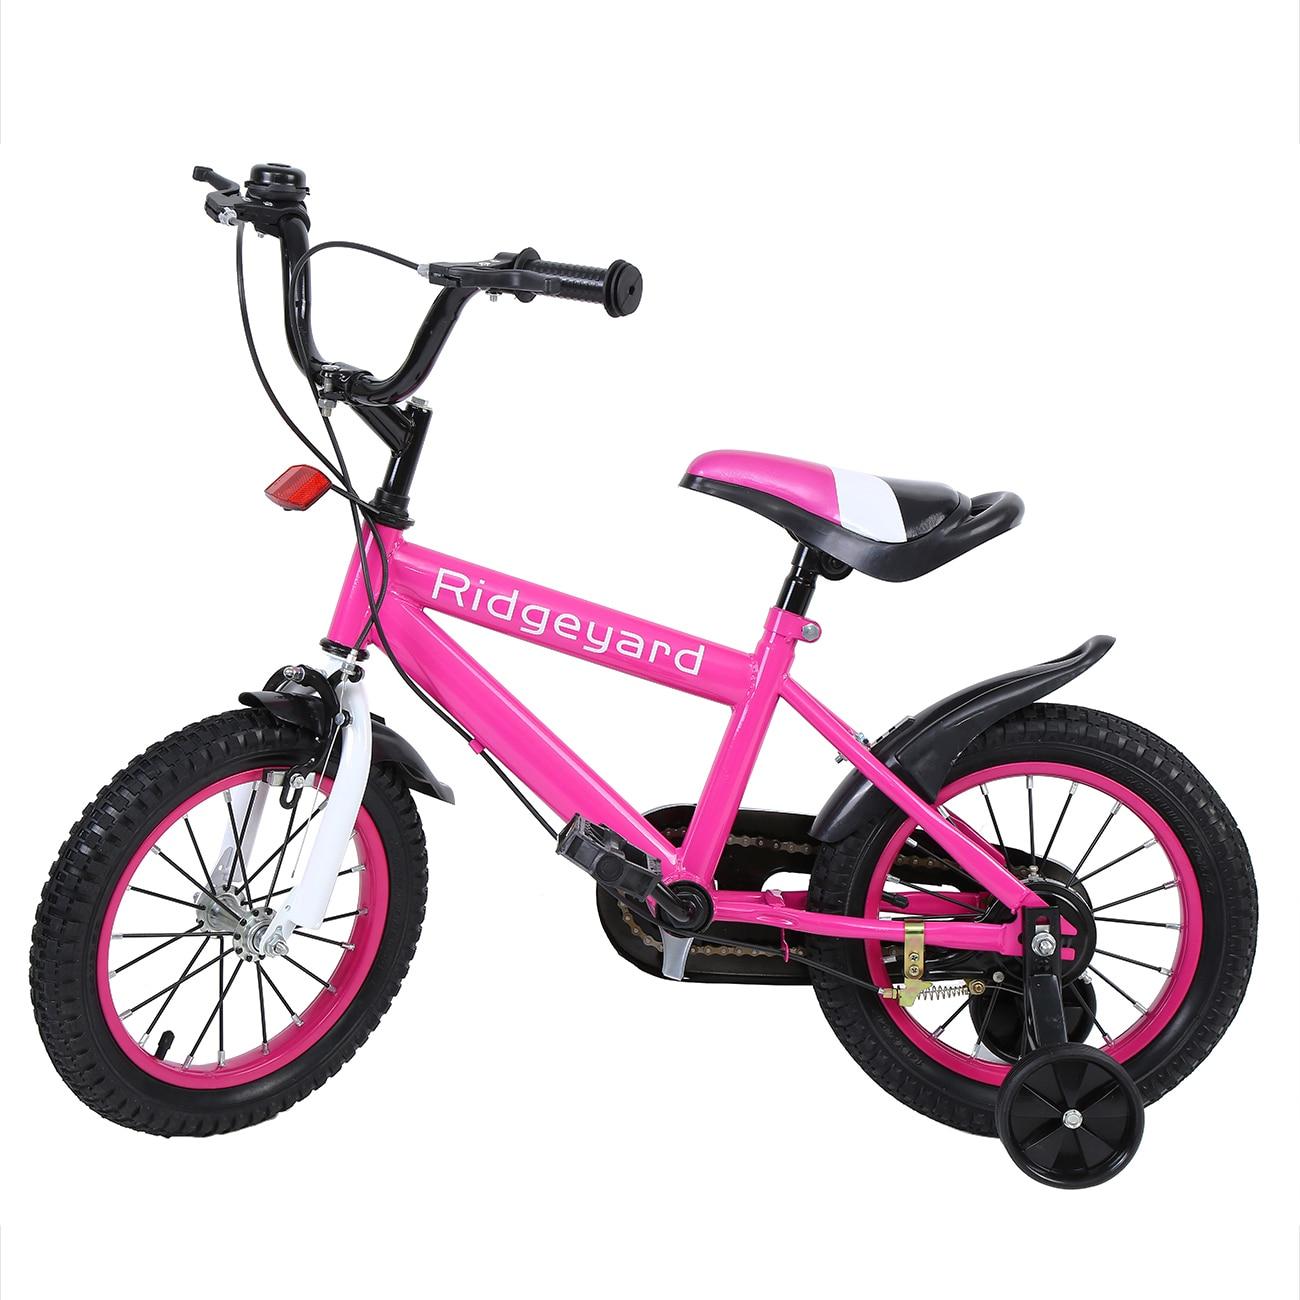 Yonntech 14 Inch Boy sGirls Bike Kid Safe Children Bicycle With Training Wheels